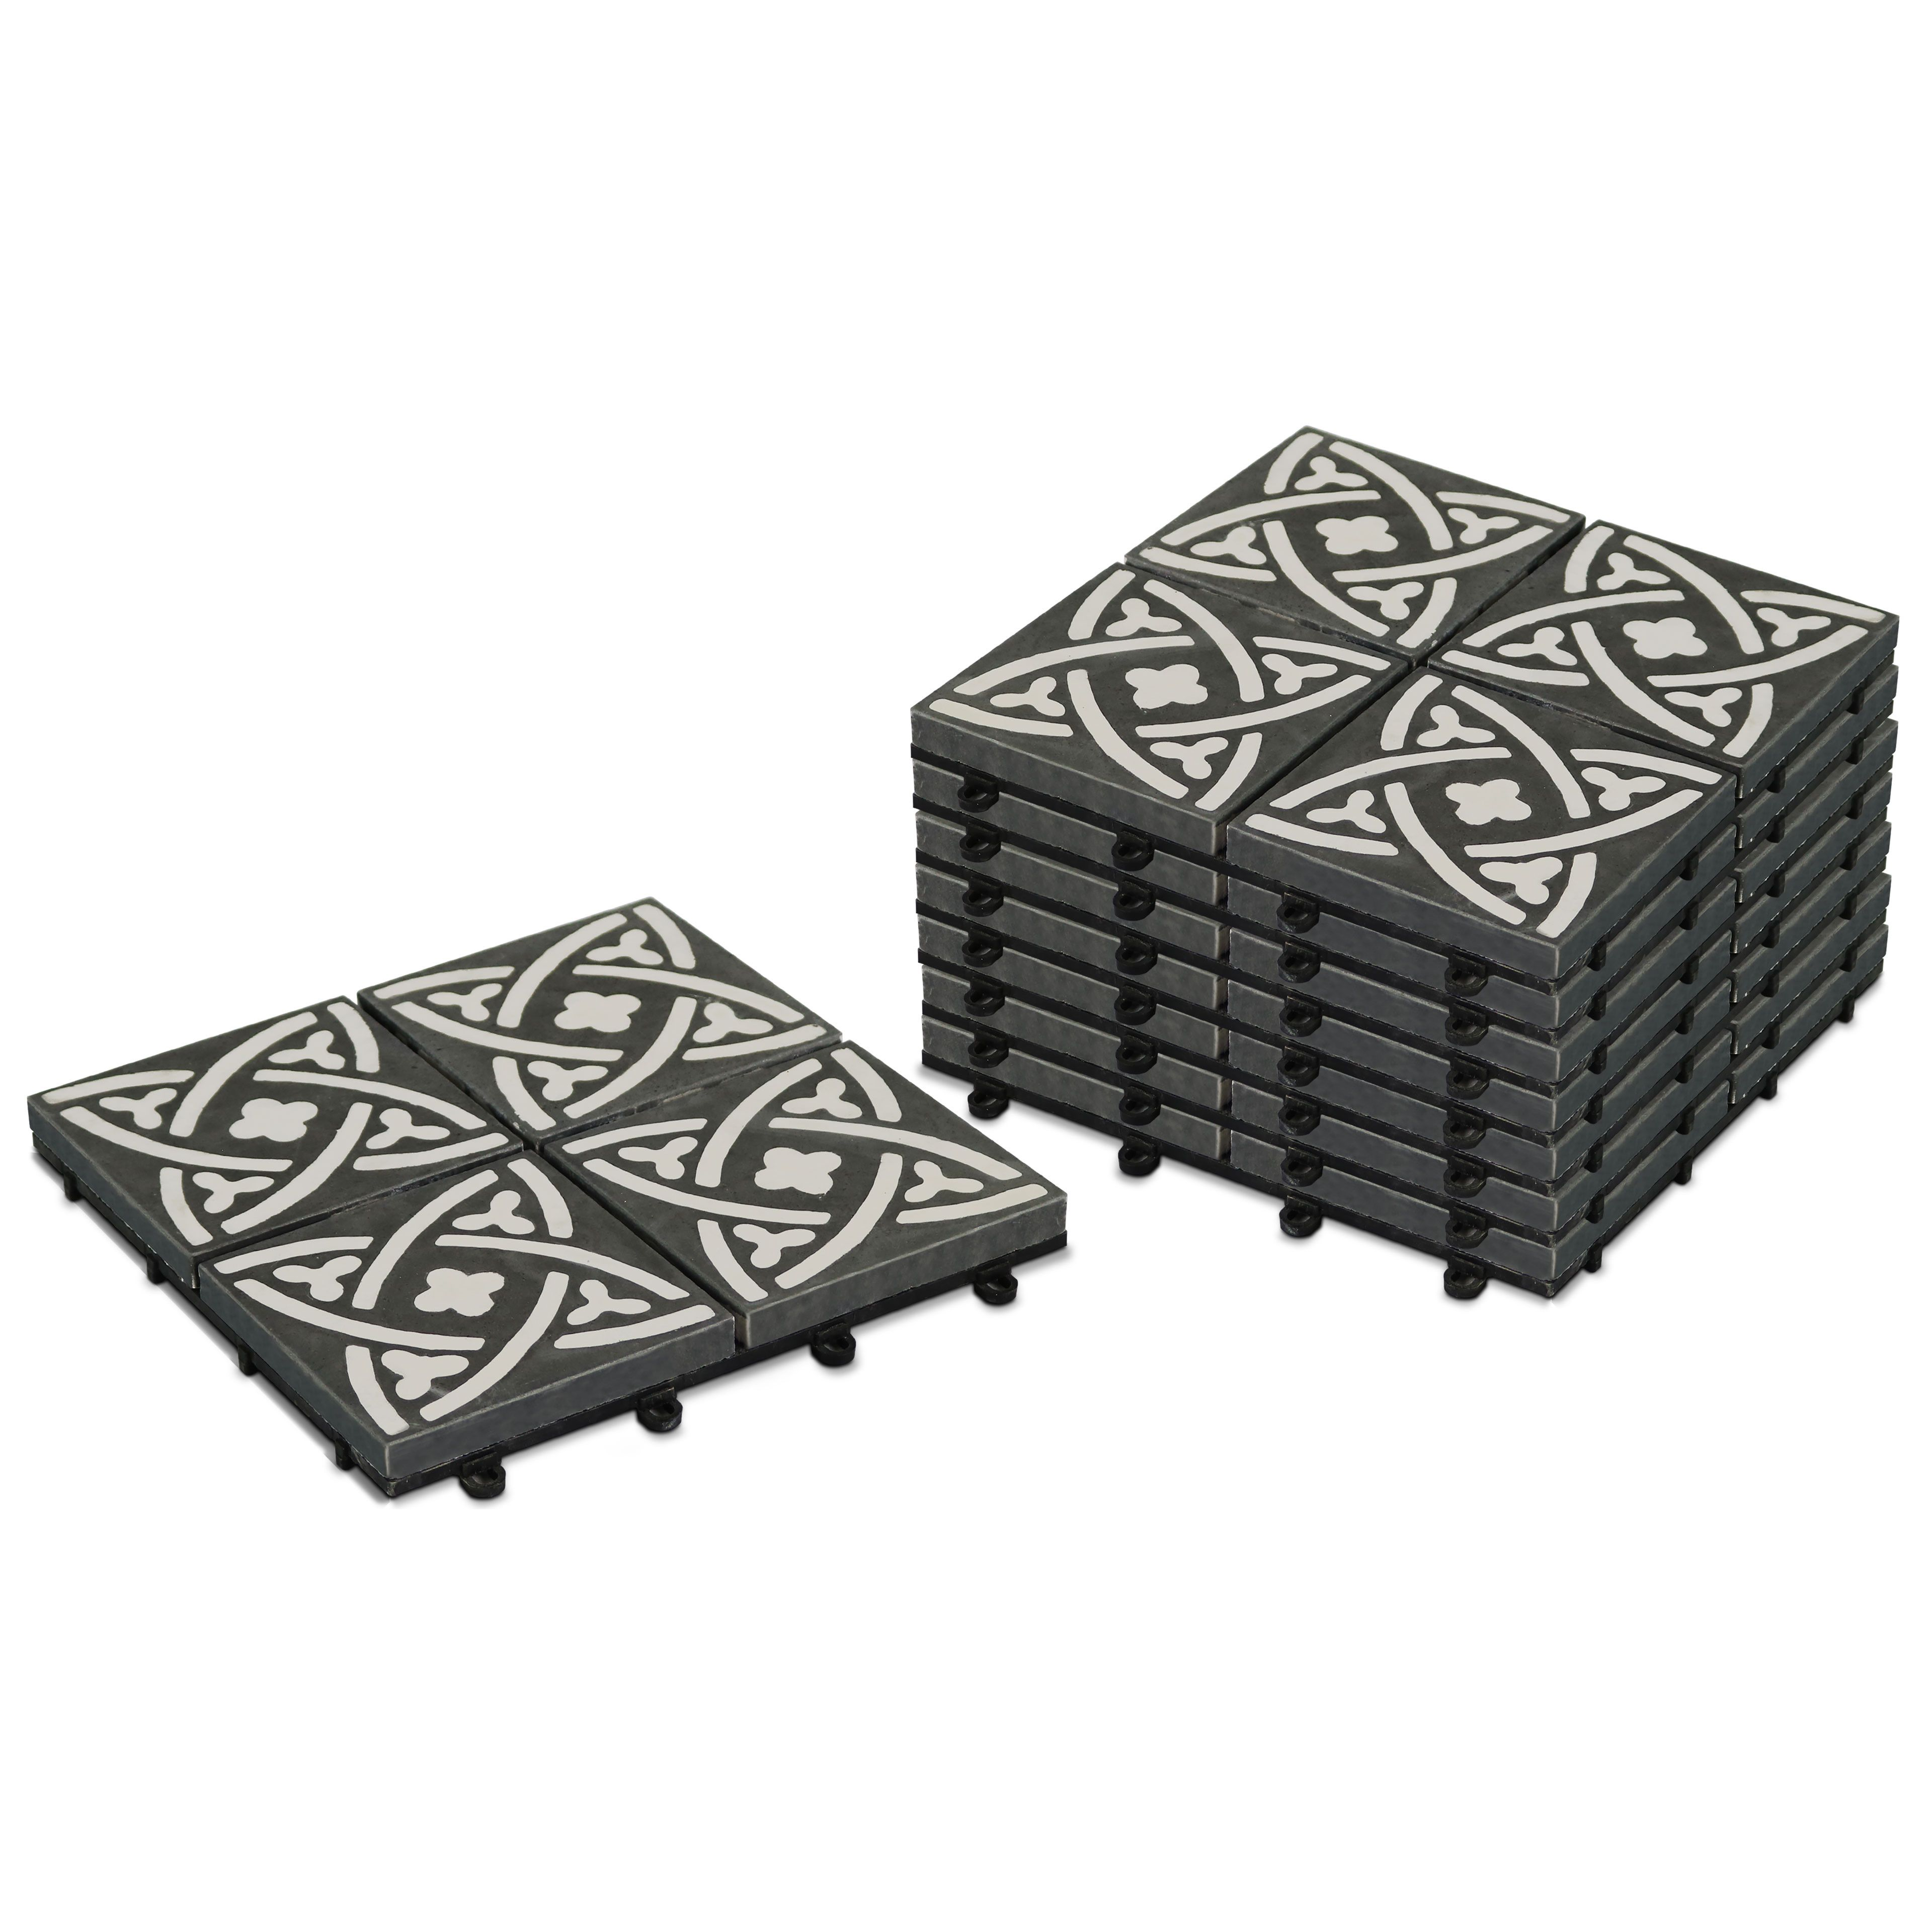 Salon De Jardin Carreau De Ciment dalles terrasse carreaux ciment clipsables | oviala